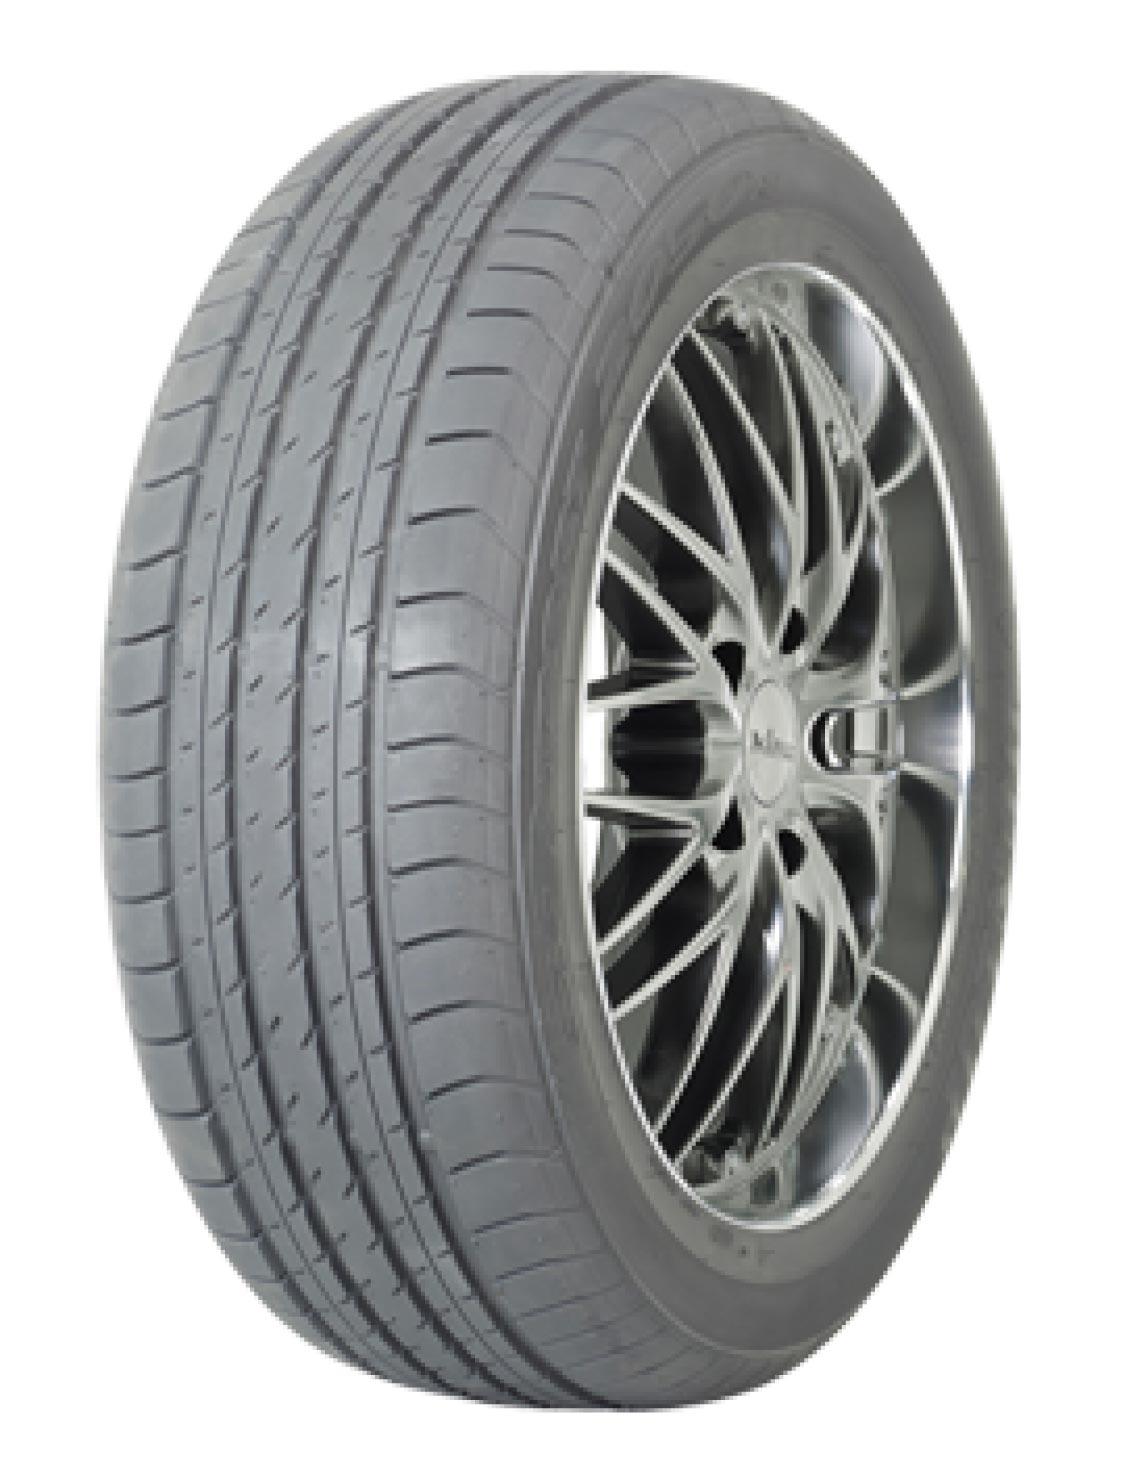 Dunlop / SP Sport 2050